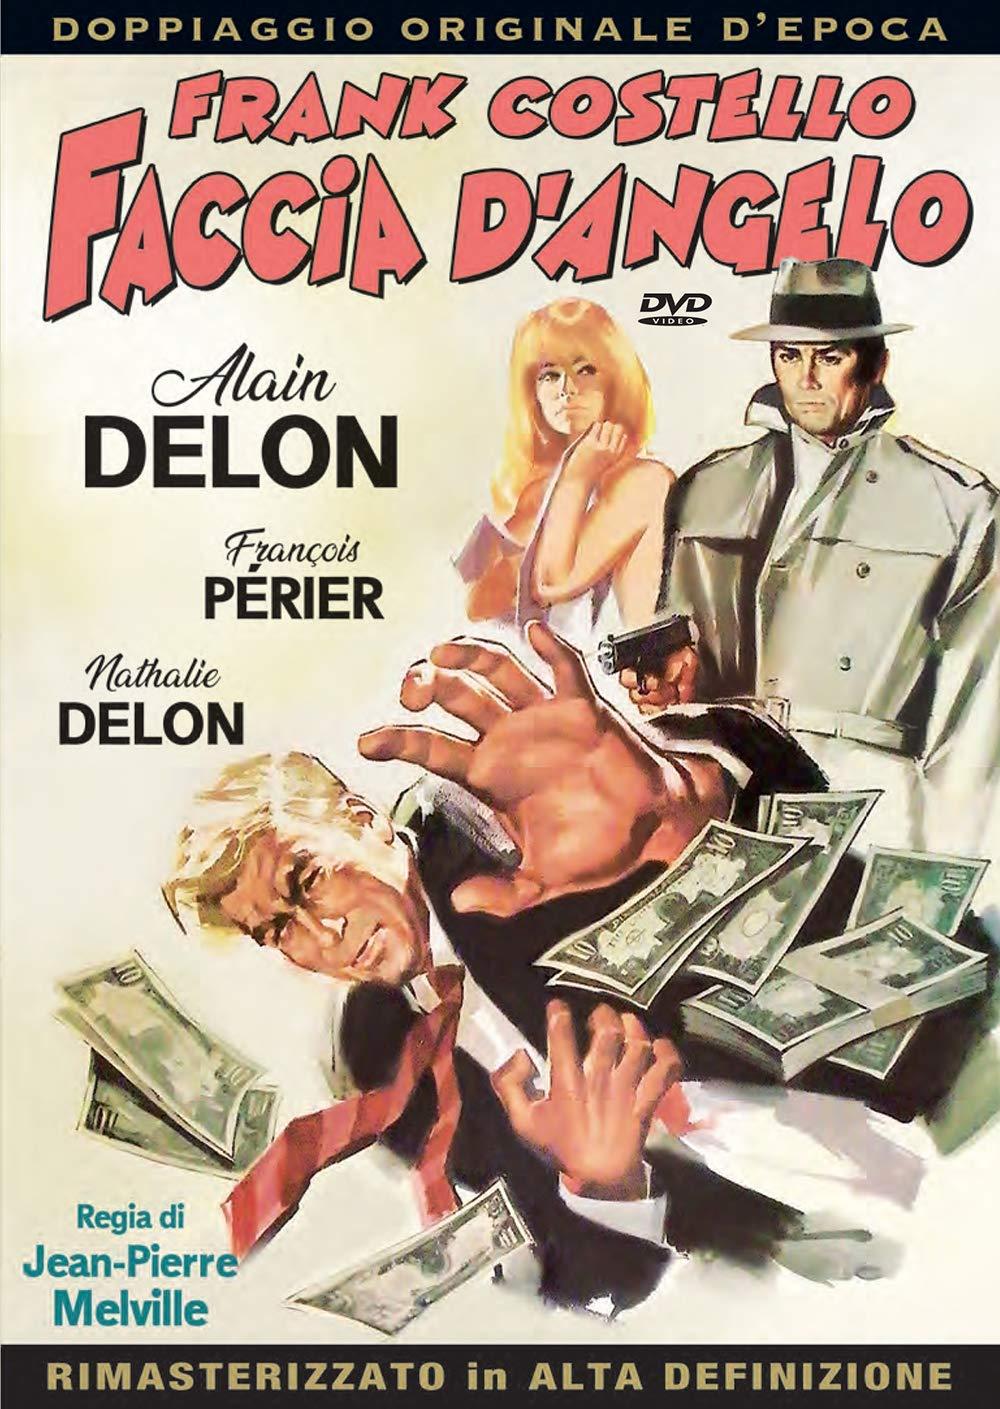 FRANK COSTELLO - FACCIA DANGELO (DVD)